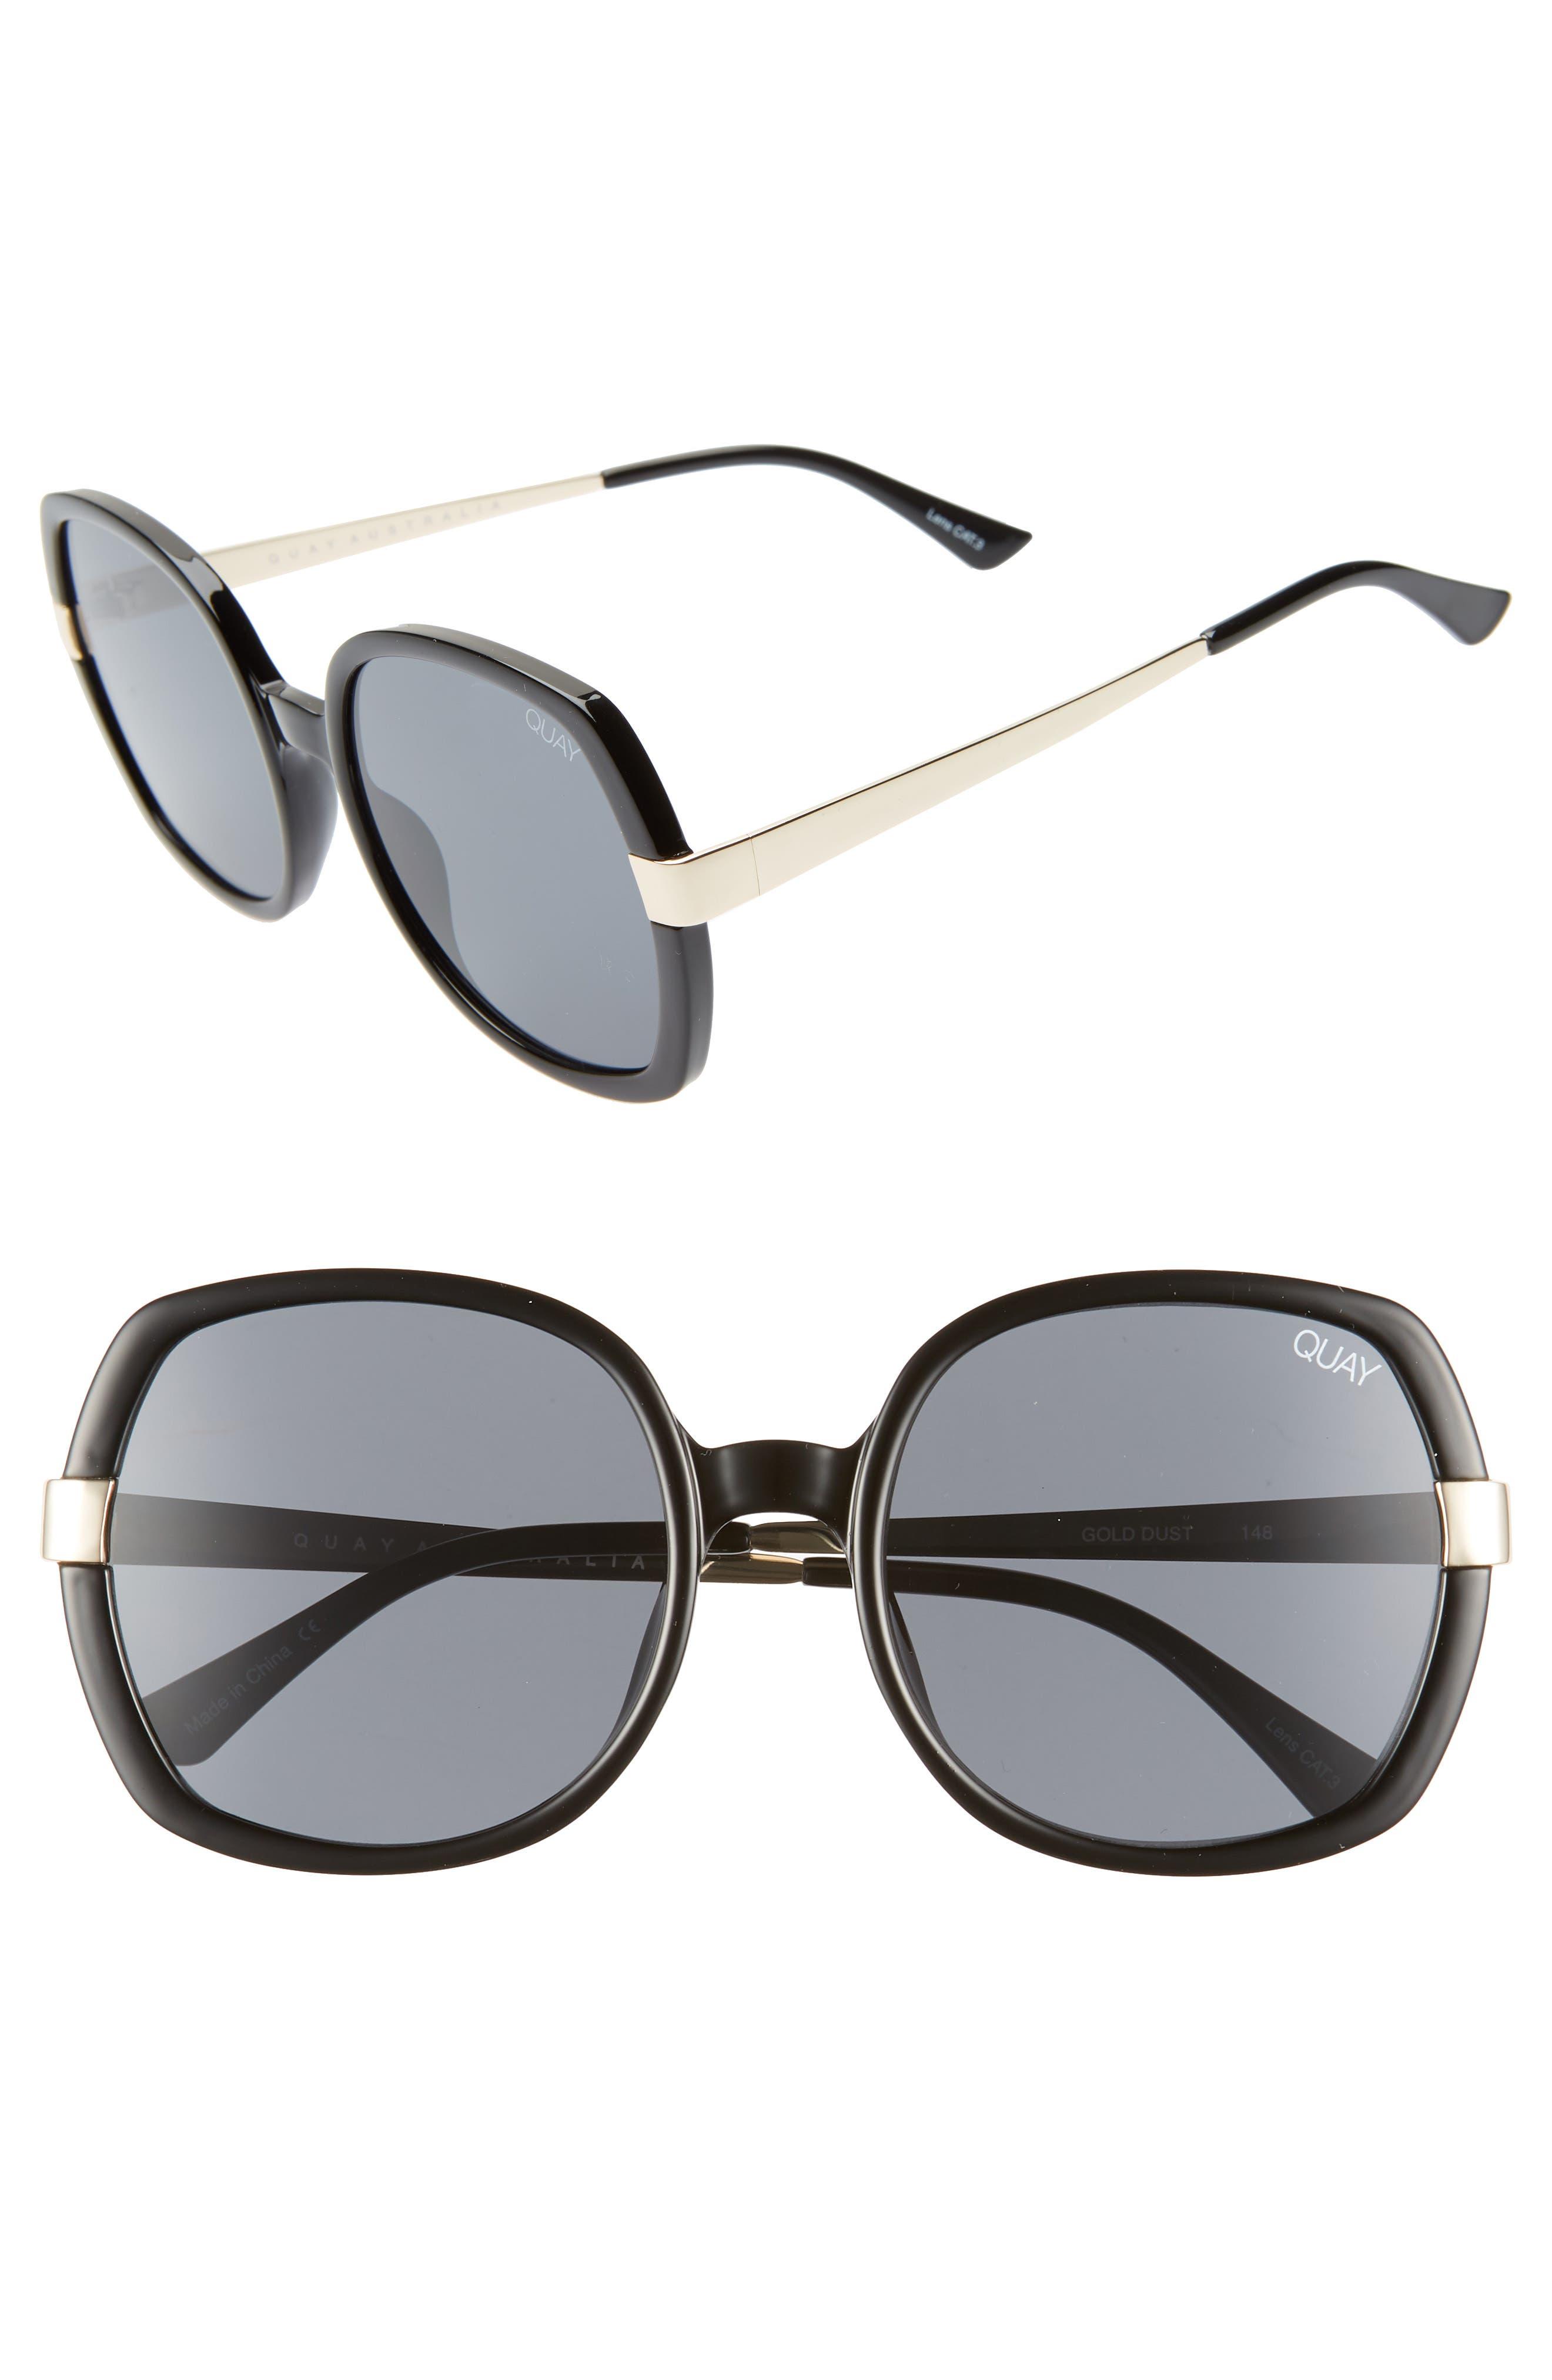 Gold Dust 55mm Square Sunglasses,                             Main thumbnail 1, color,                             BLACK / SMOKE